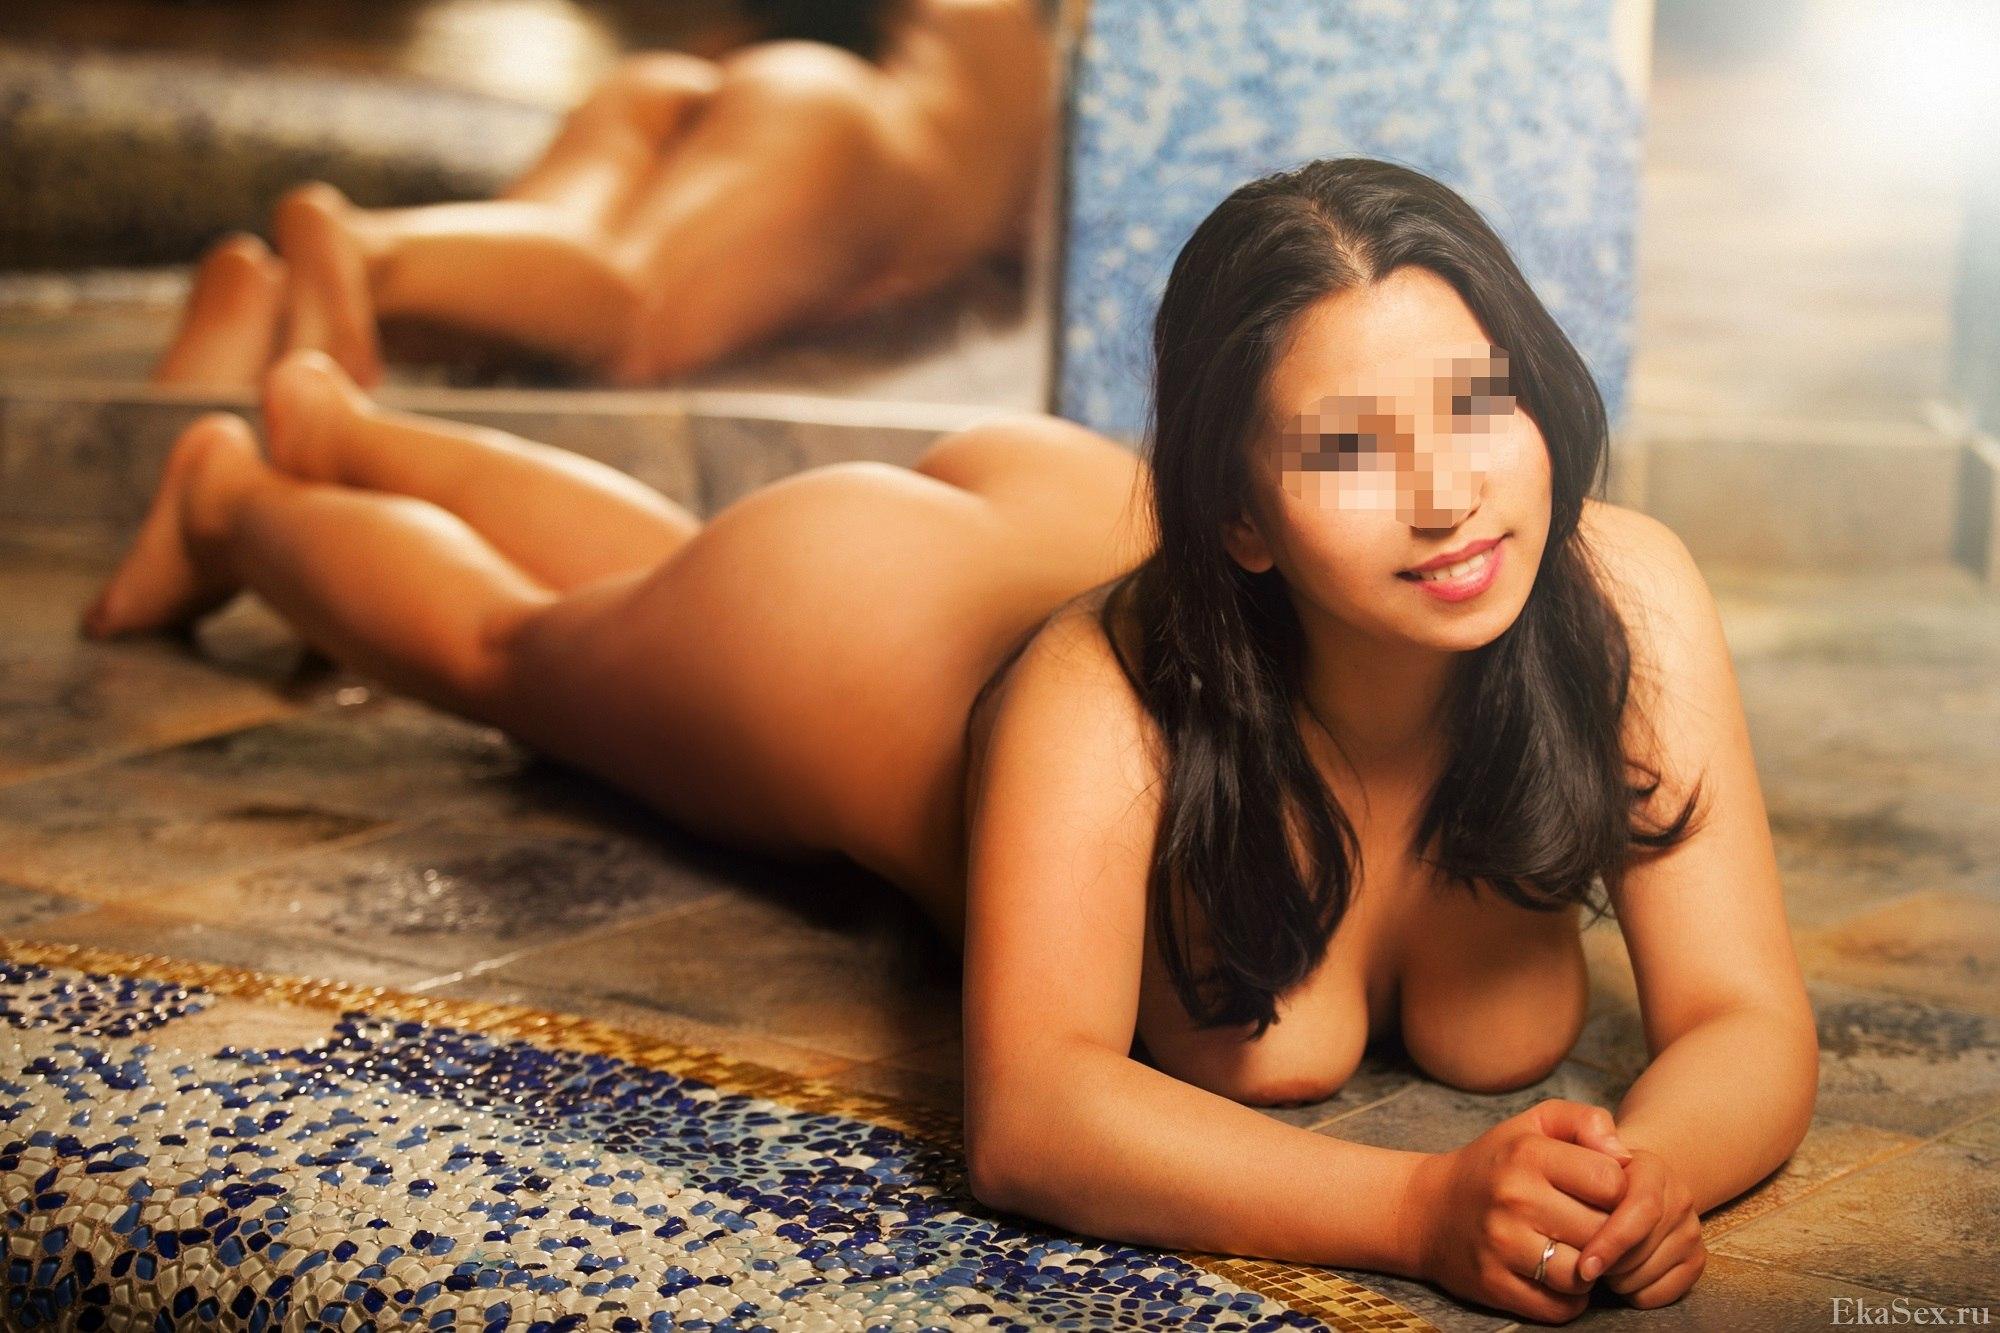 фото проститутки Фиалка из города Екатеринбург